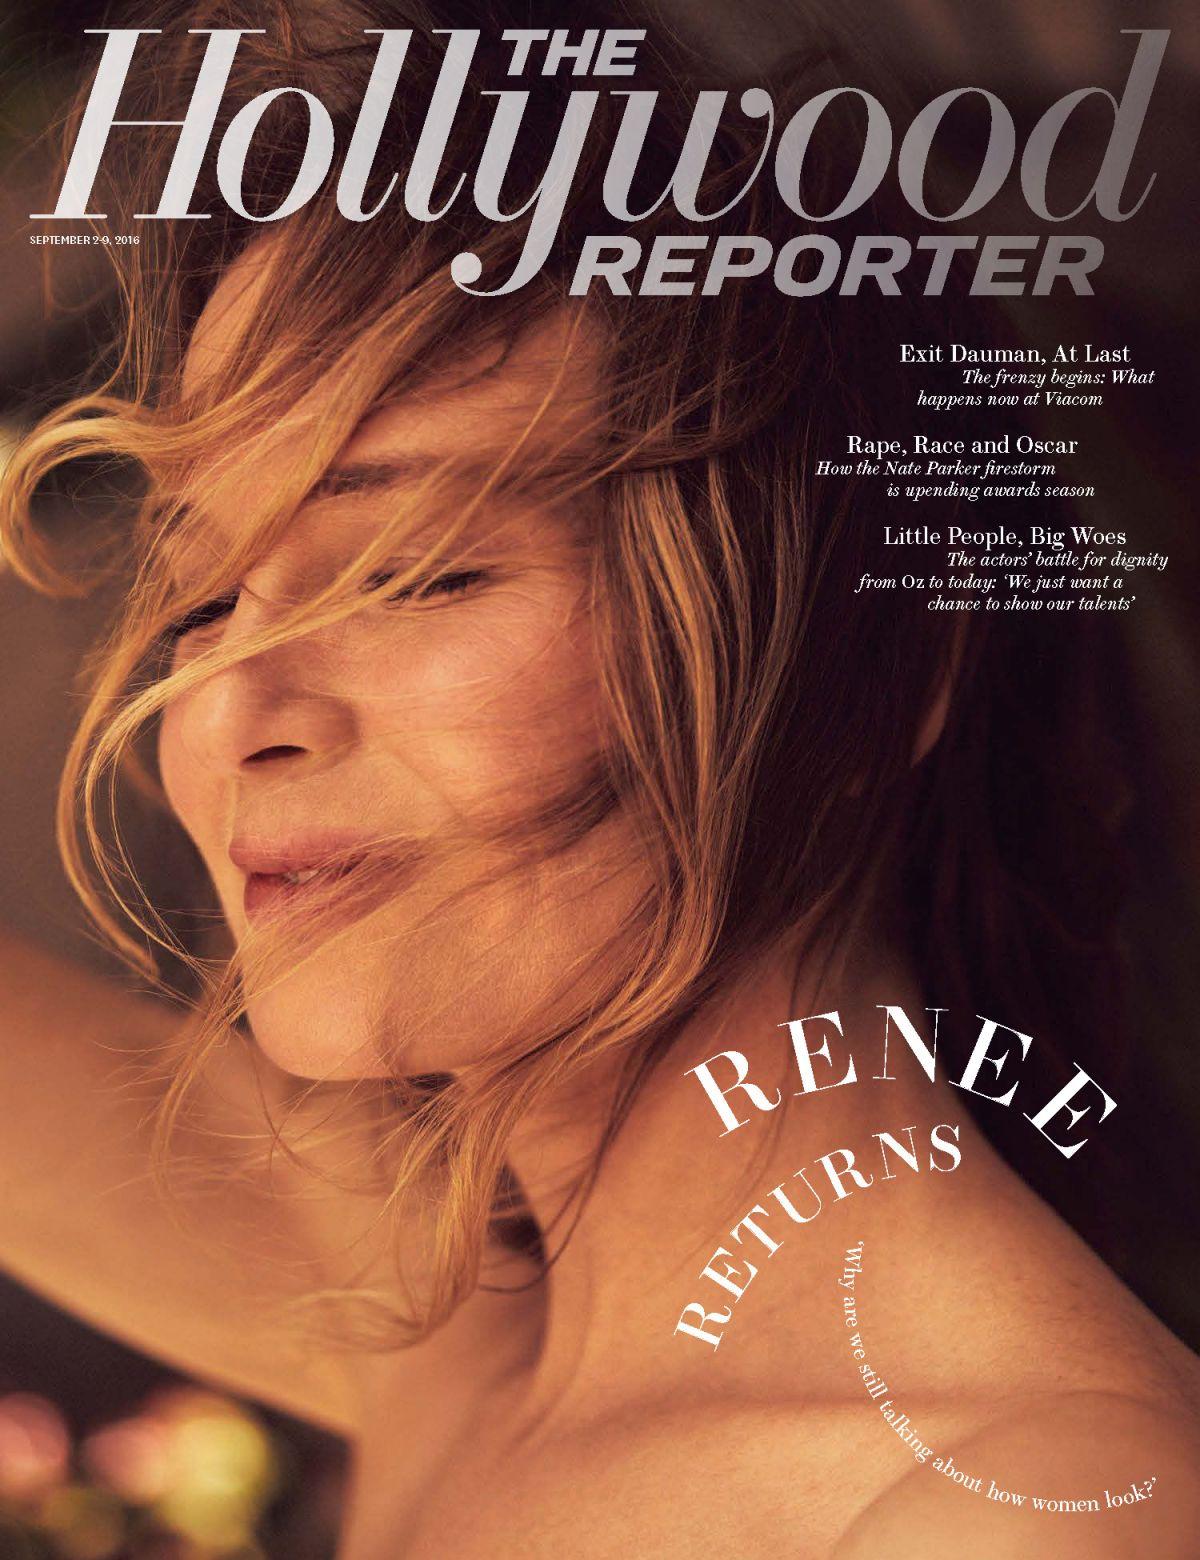 RENEE ZELLWEGER in The Hollywood Reporter, September 2016